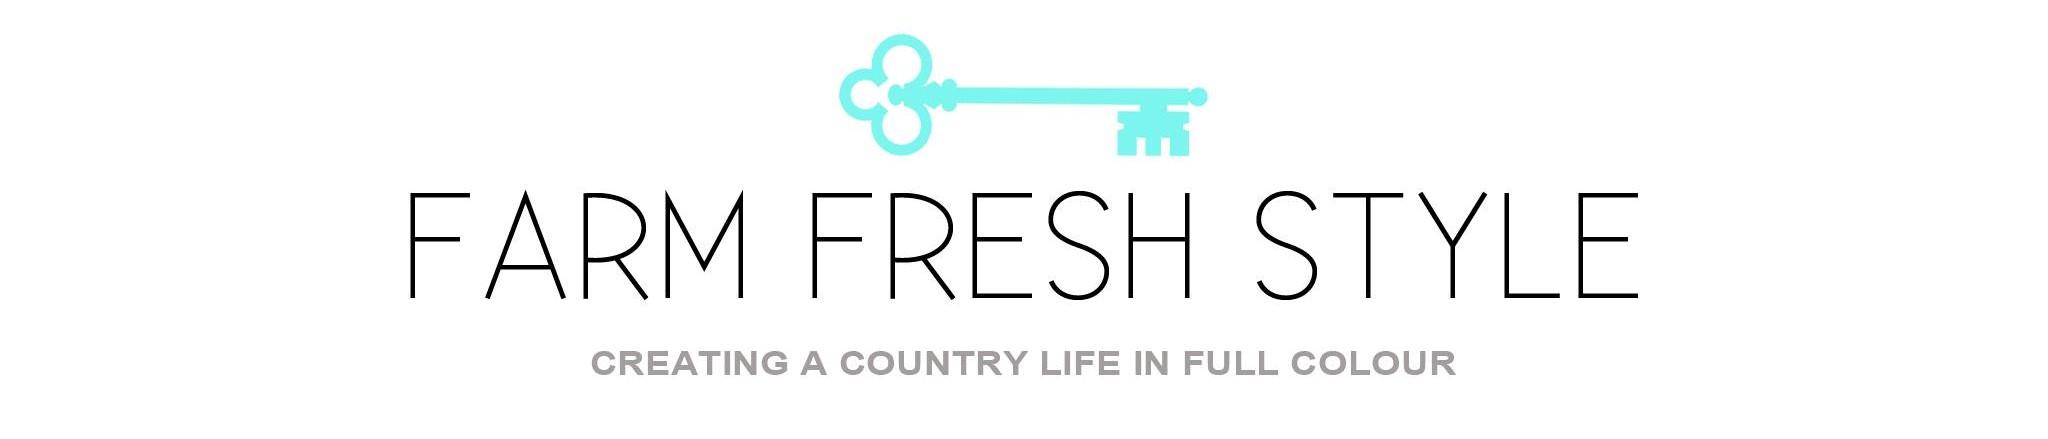 Farm Fresh Style